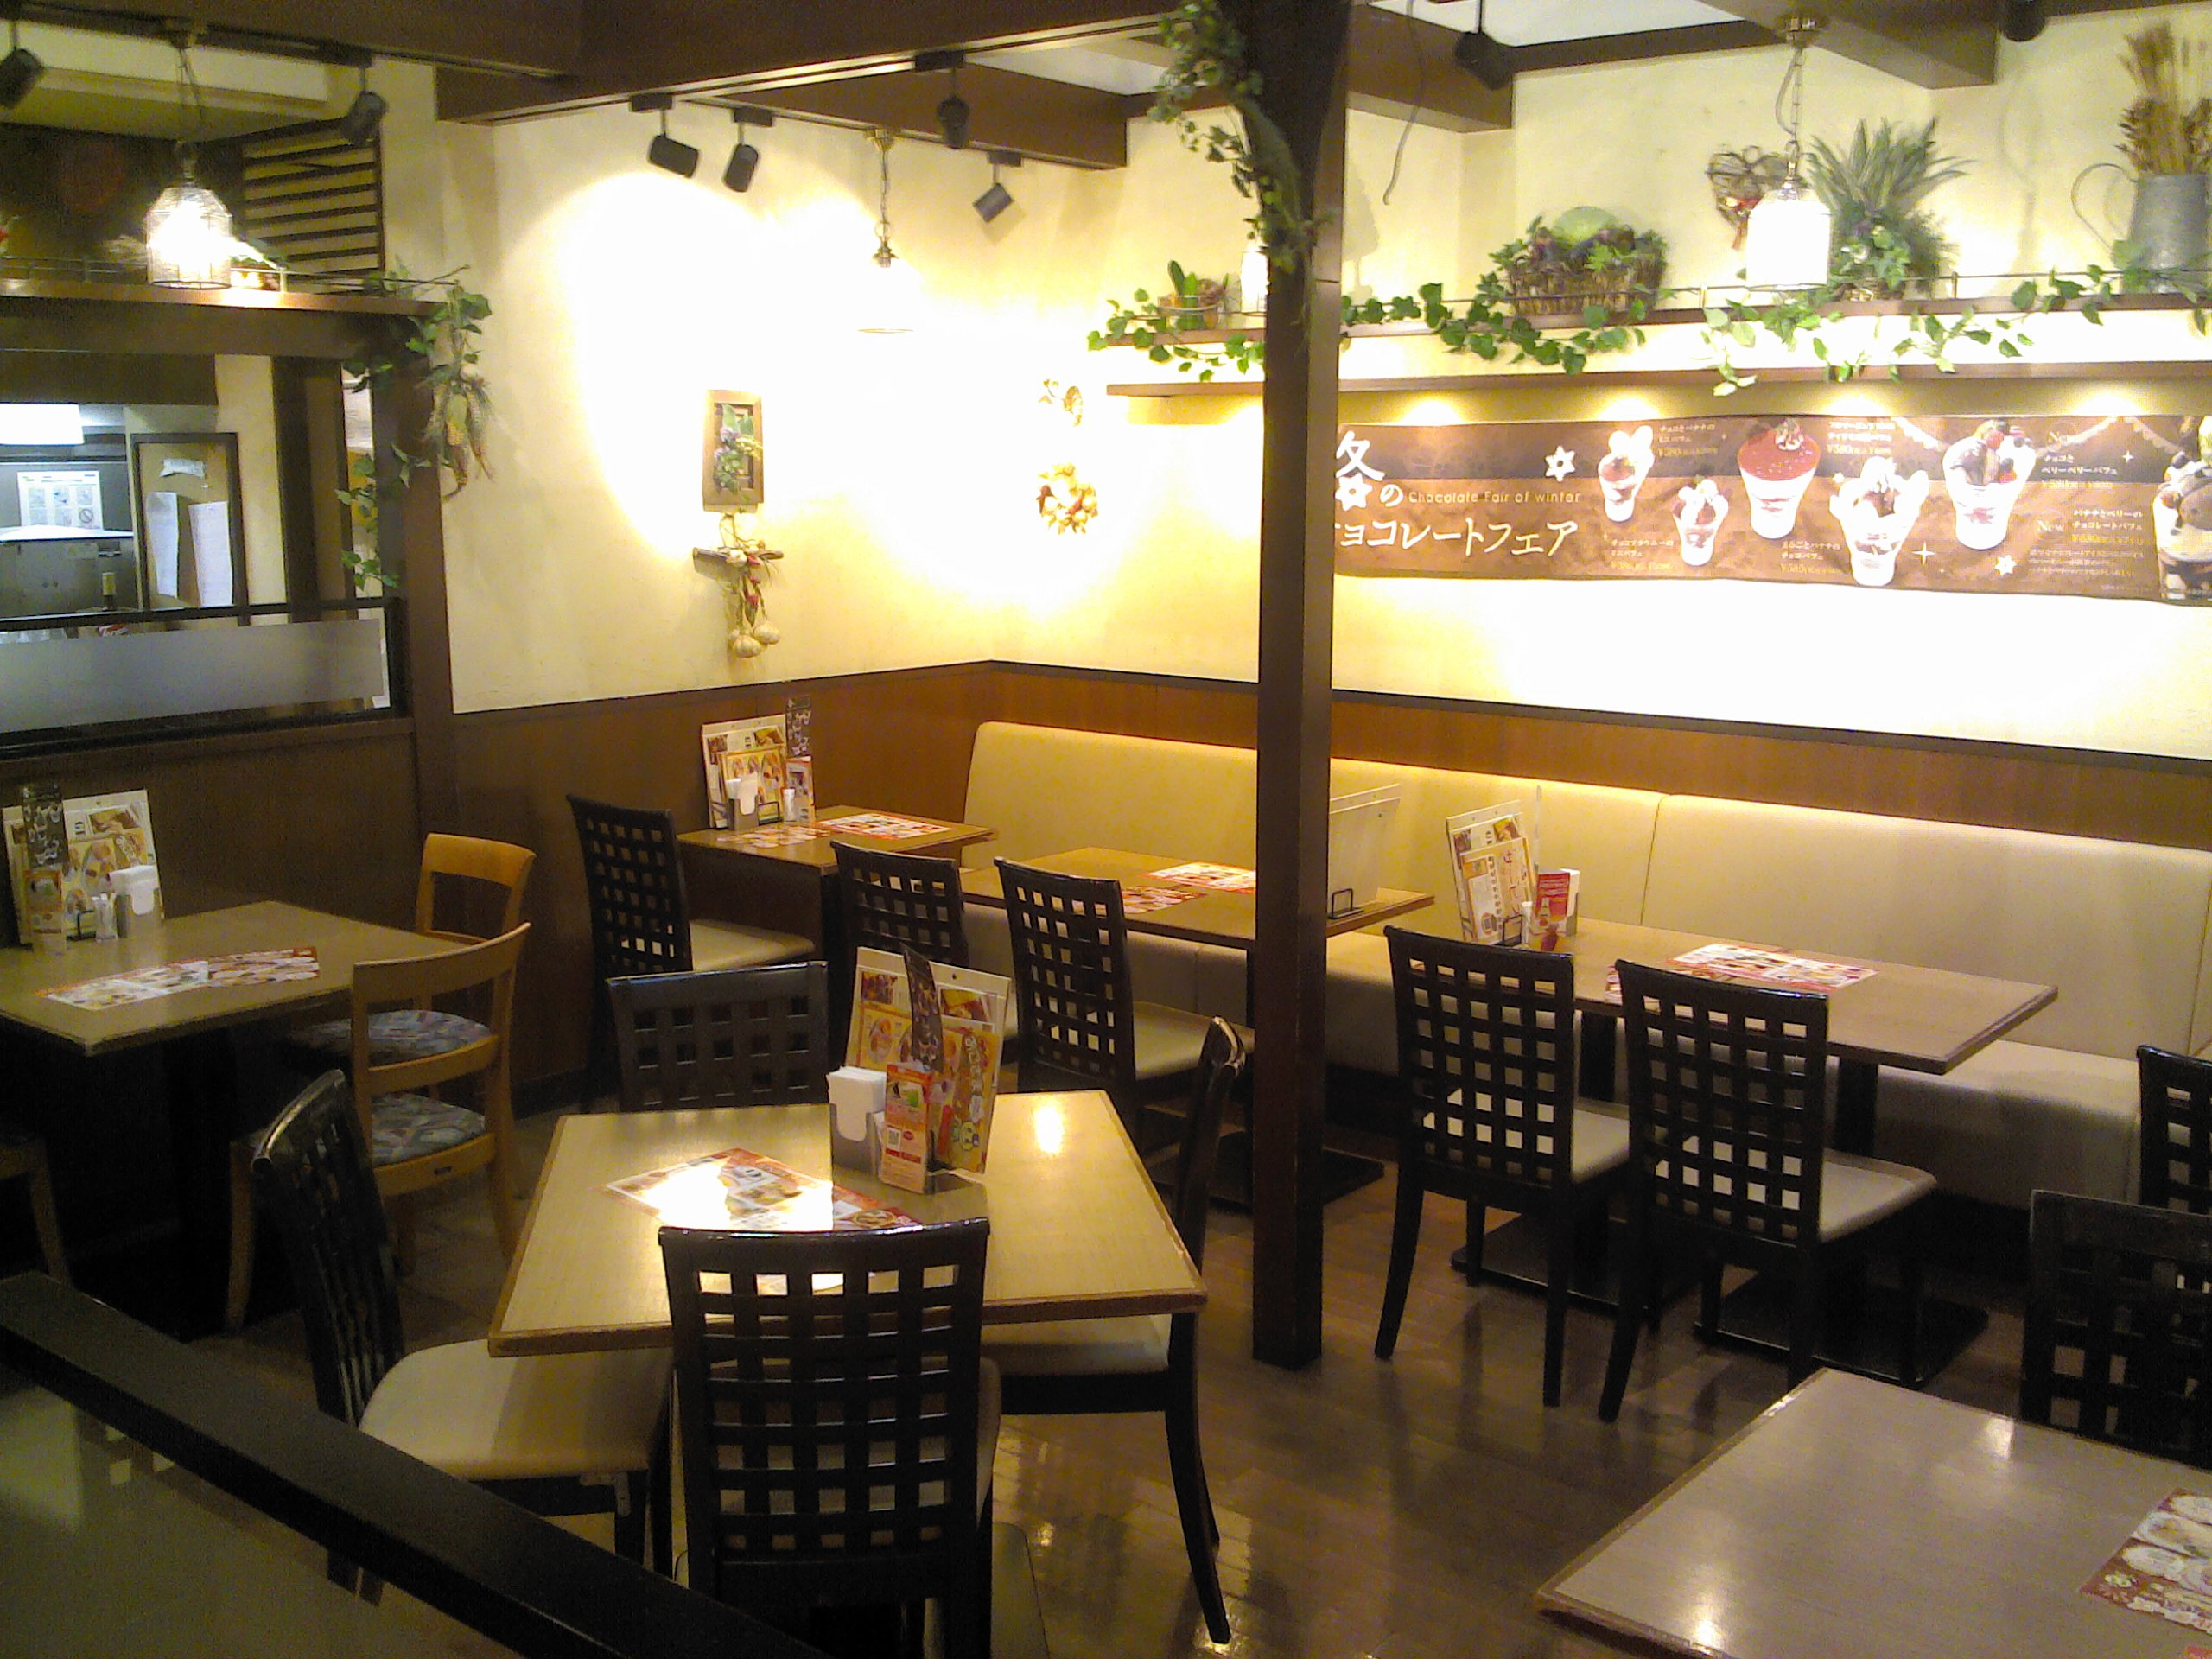 ポムの樹 セカンドキッチン 熊本鶴屋店